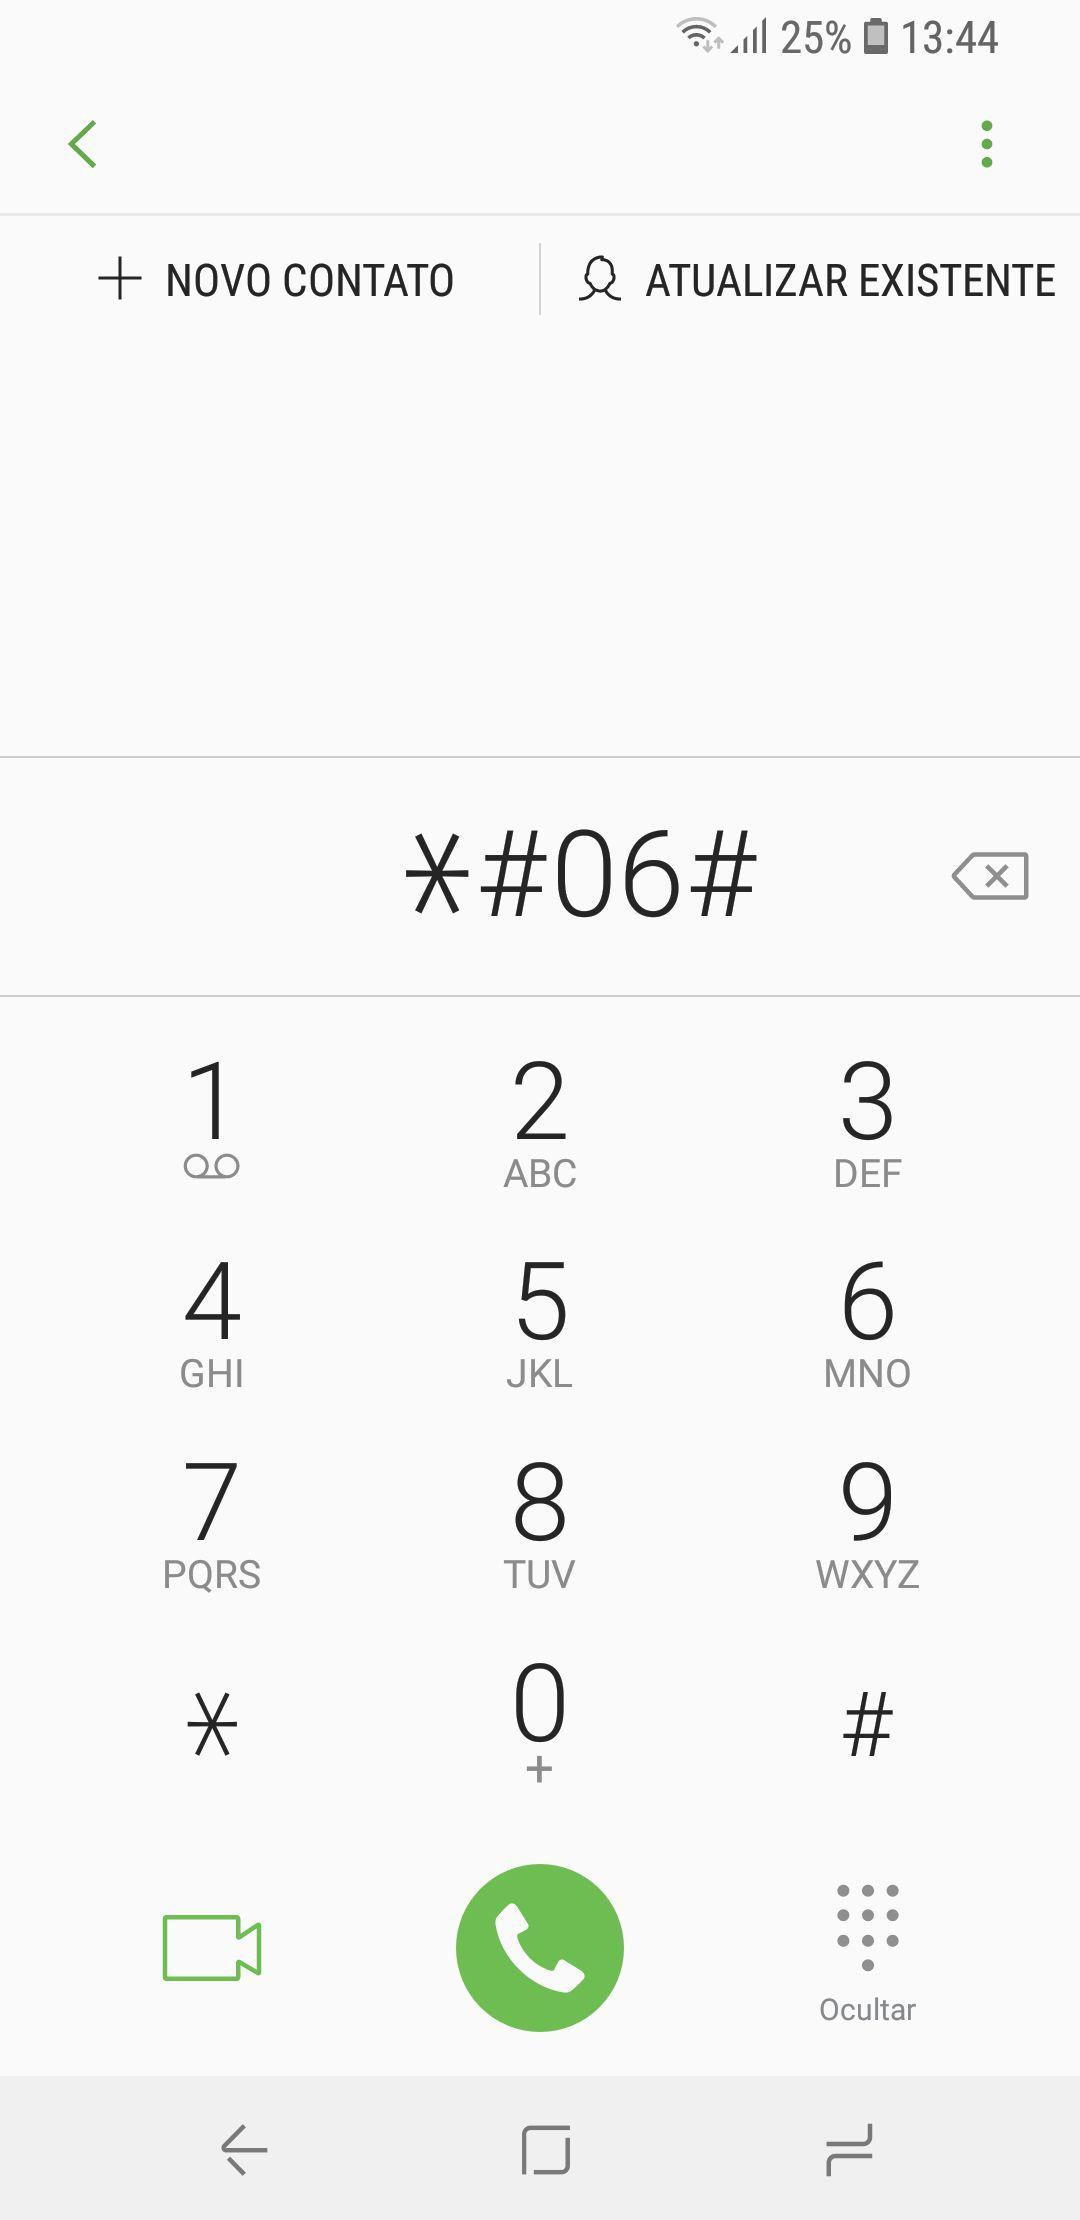 CLARO MAX GRÁTIS DOWNLOAD 3G DISCADOR